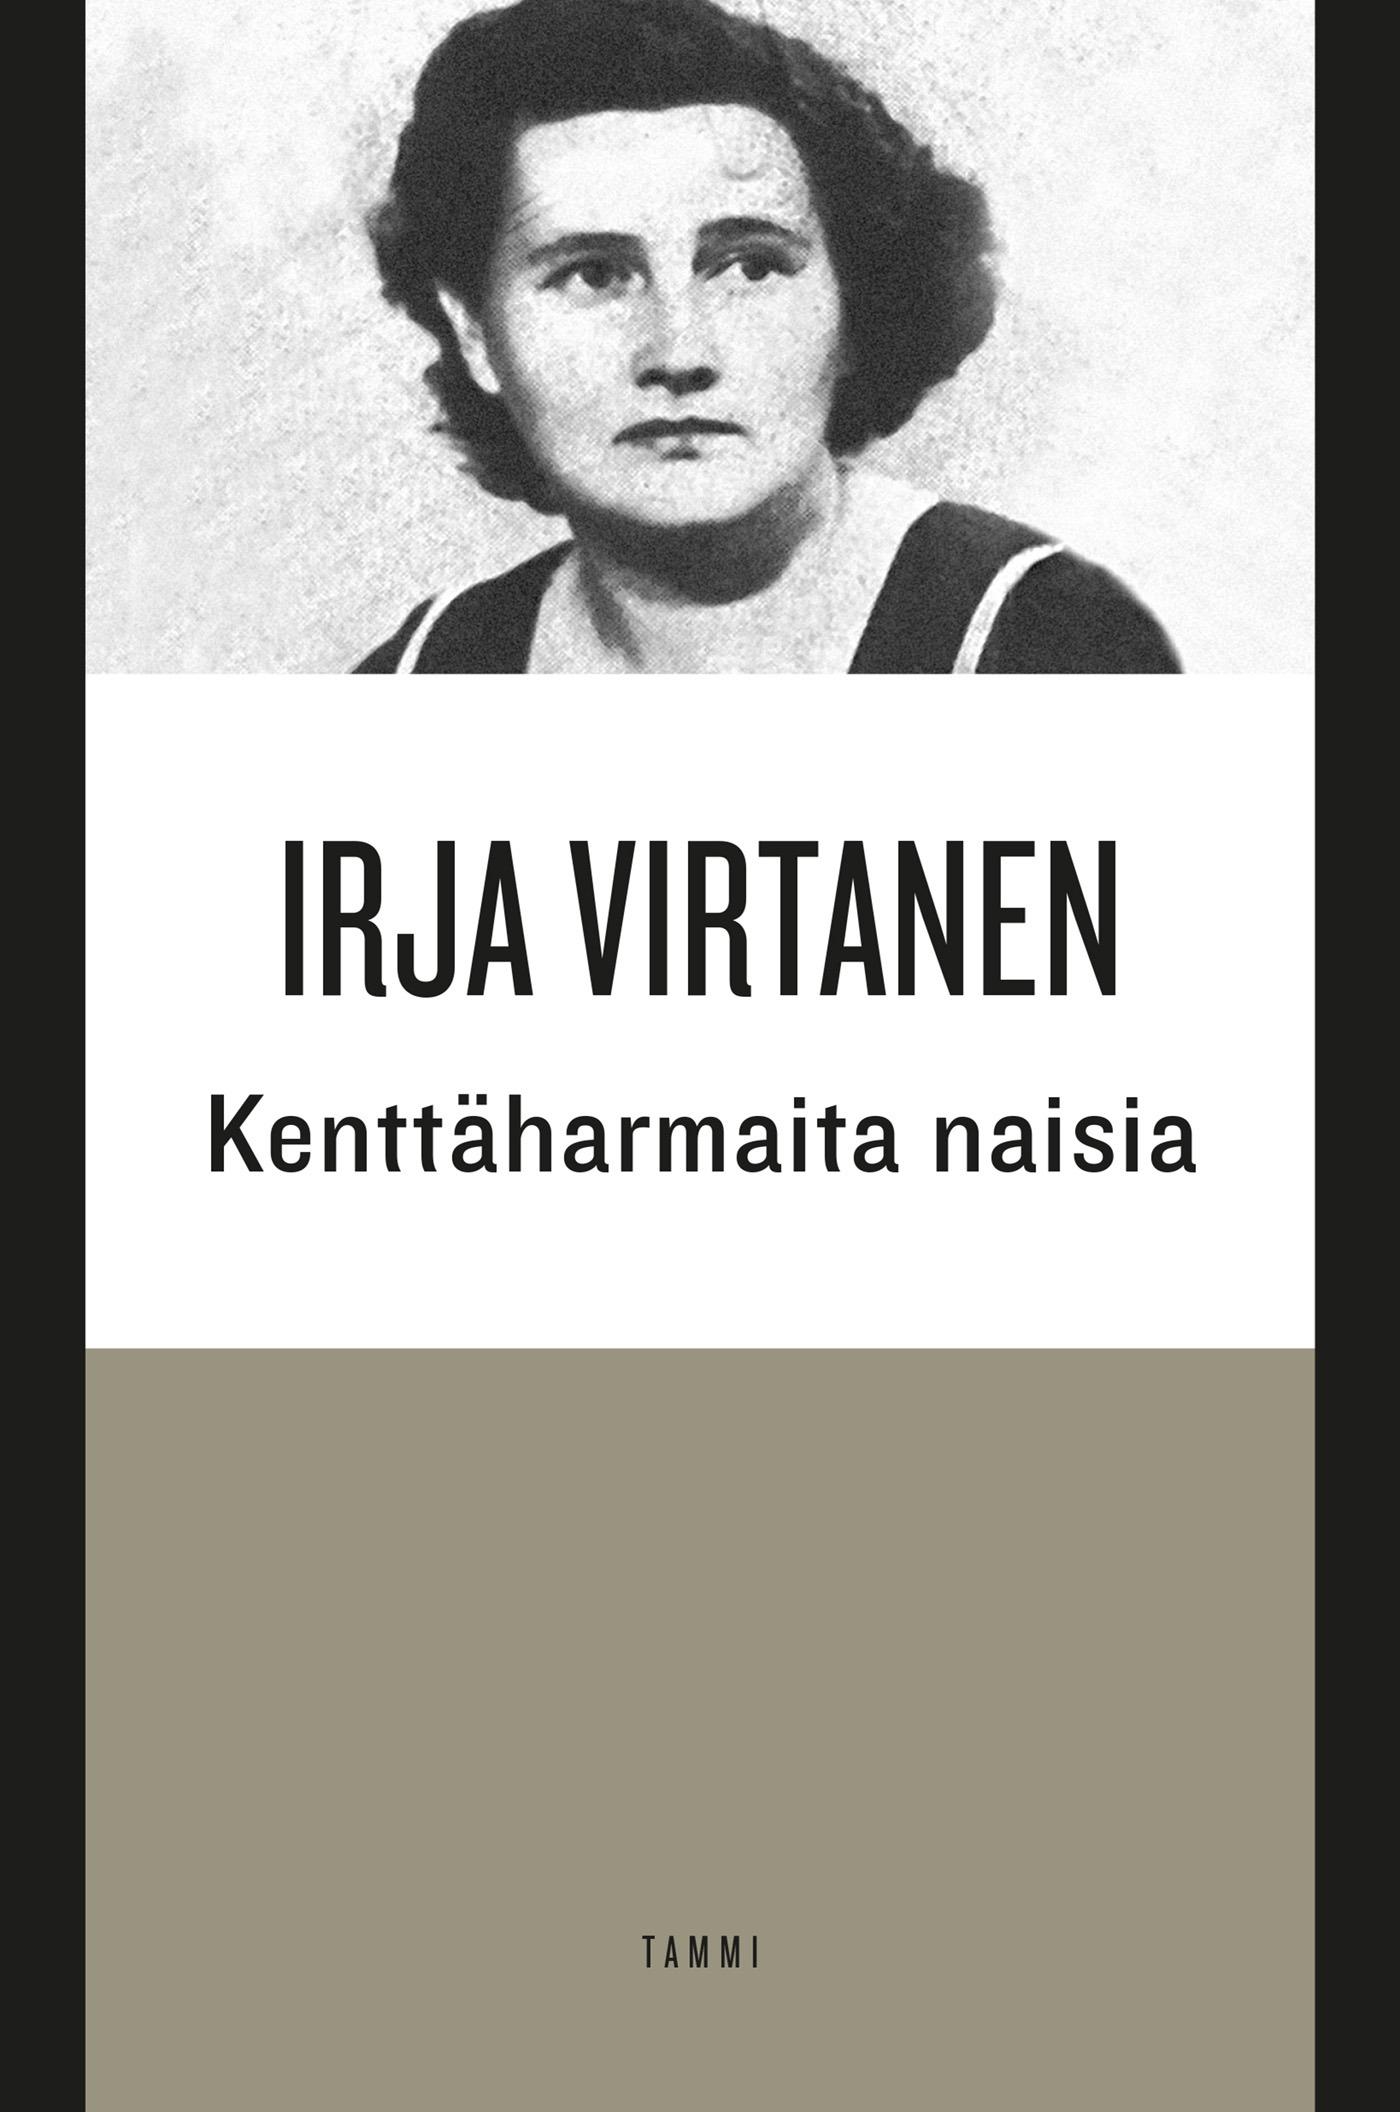 Virtanen, Irja - Kenttäharmaita naisia, e-kirja